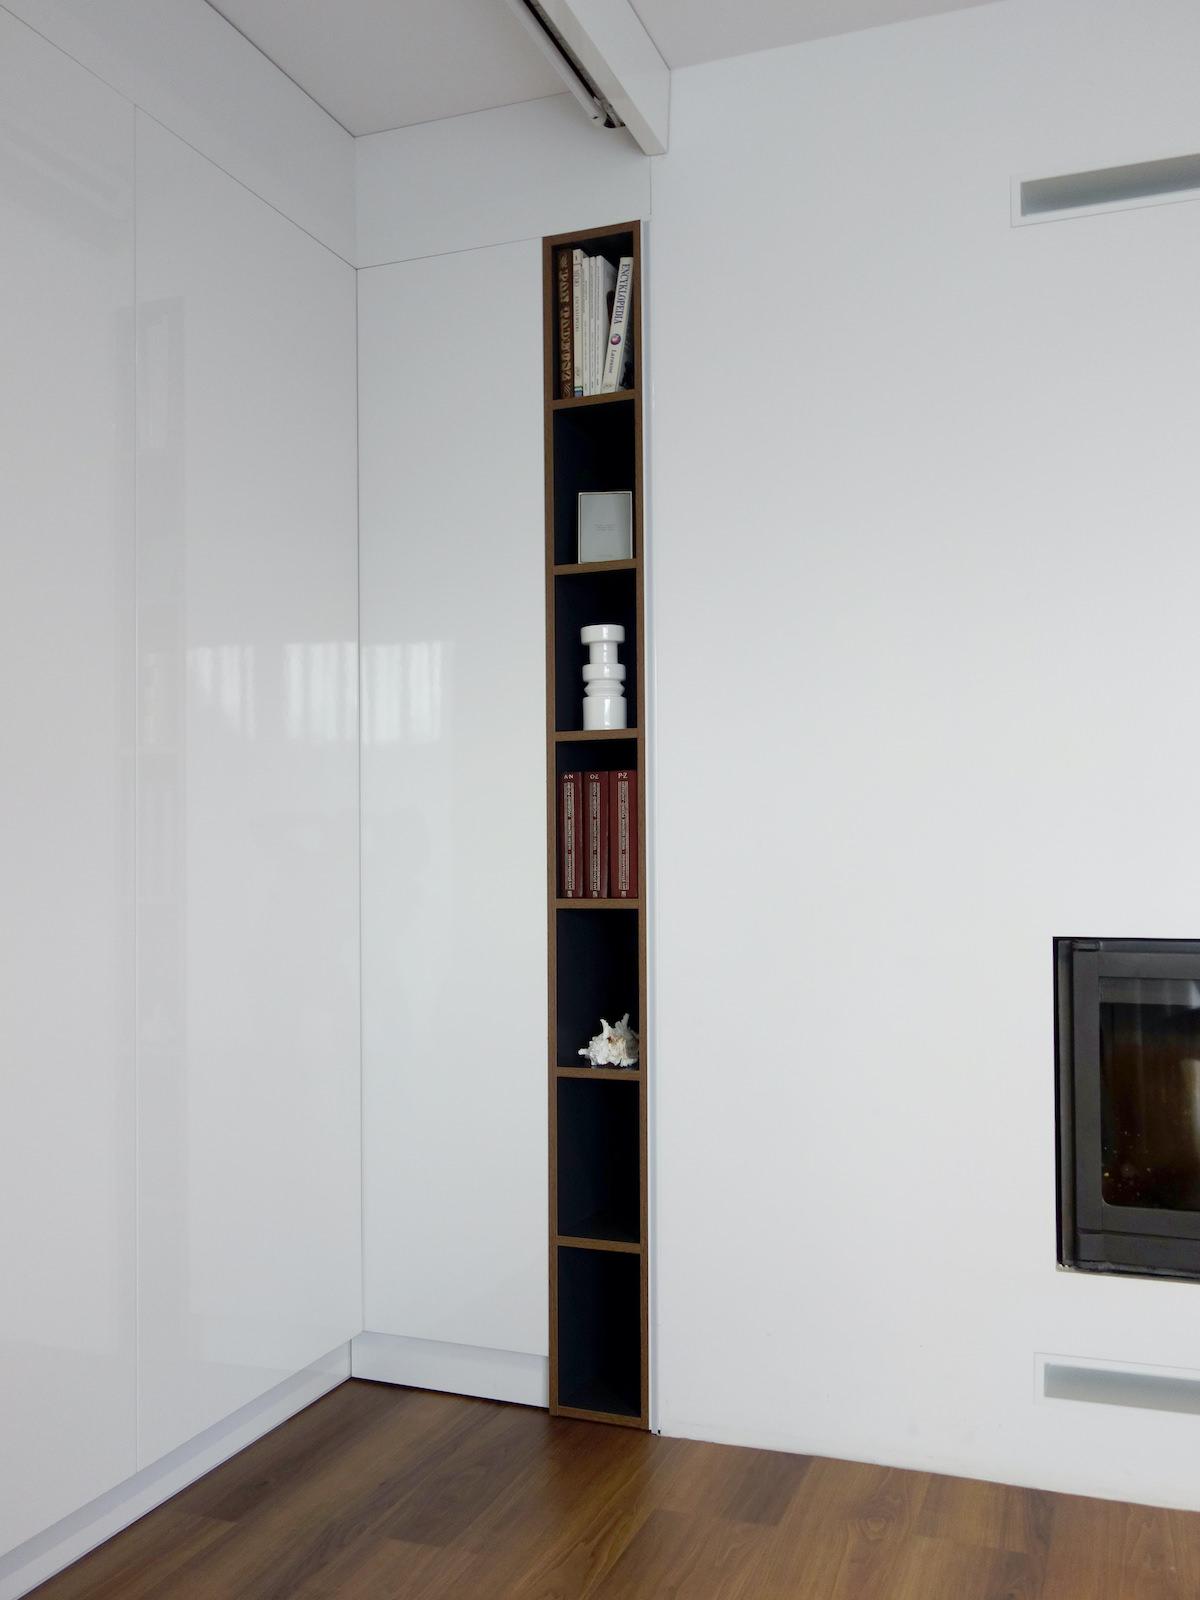 6 projektant wnetrz R056 dom dabrowa gornicza zabudowa przy kominku regaˆ na ksiazki